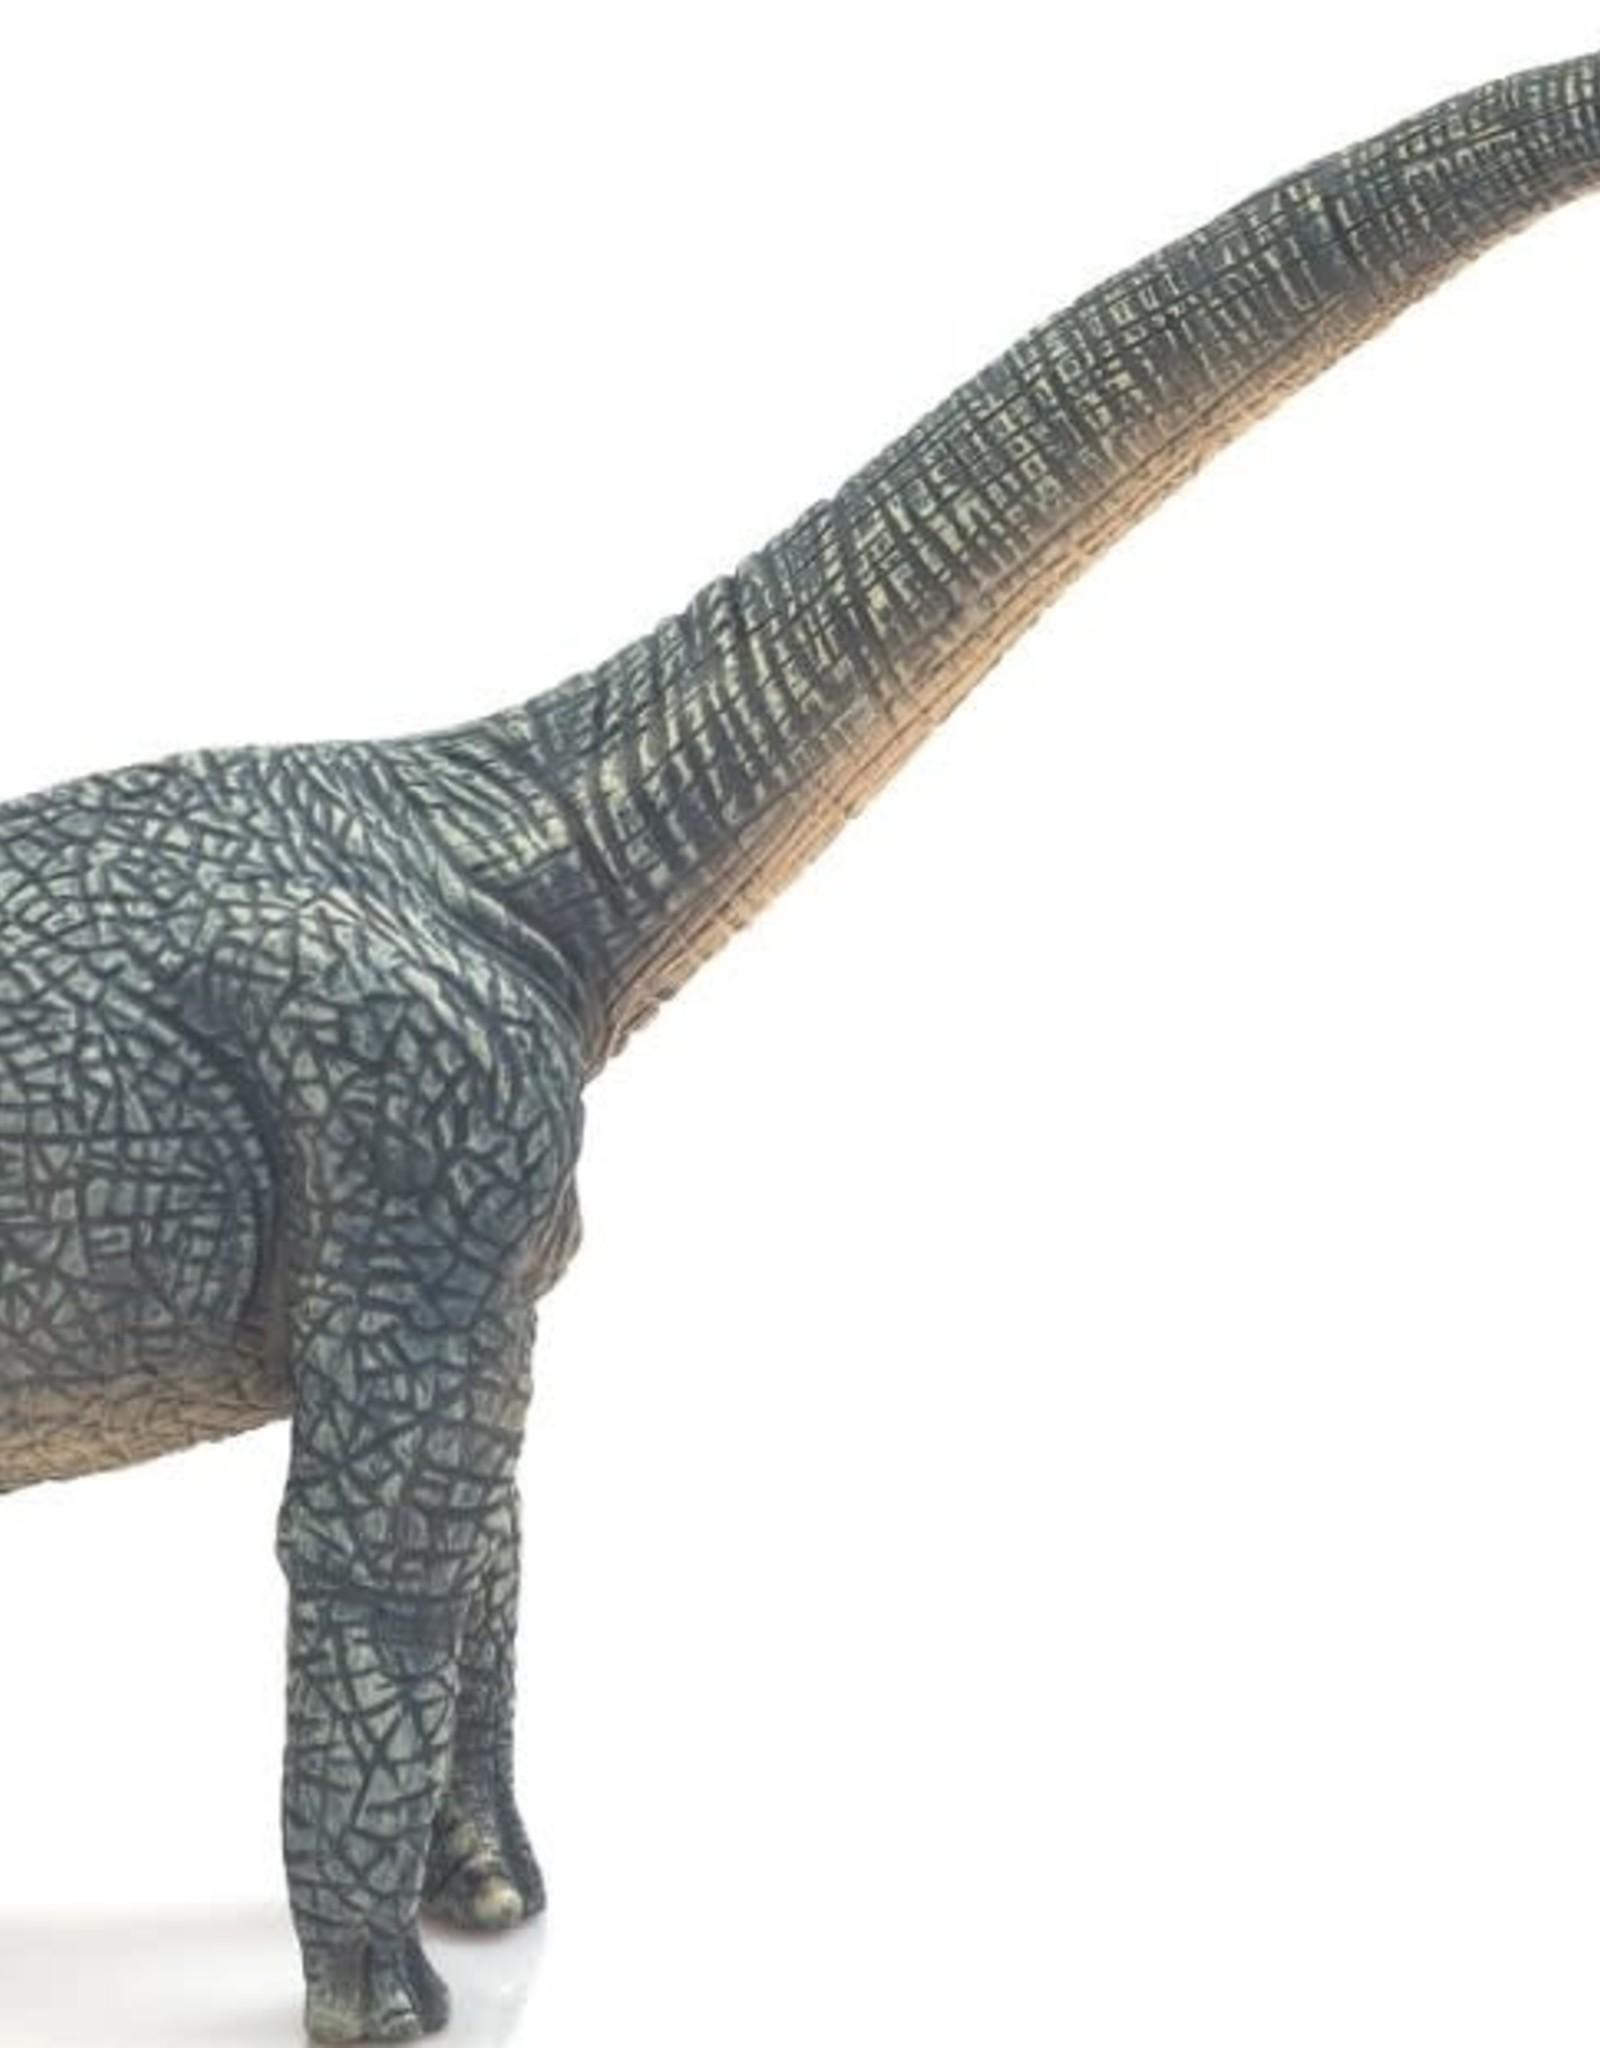 Mojo Brachiosaurus Figurine